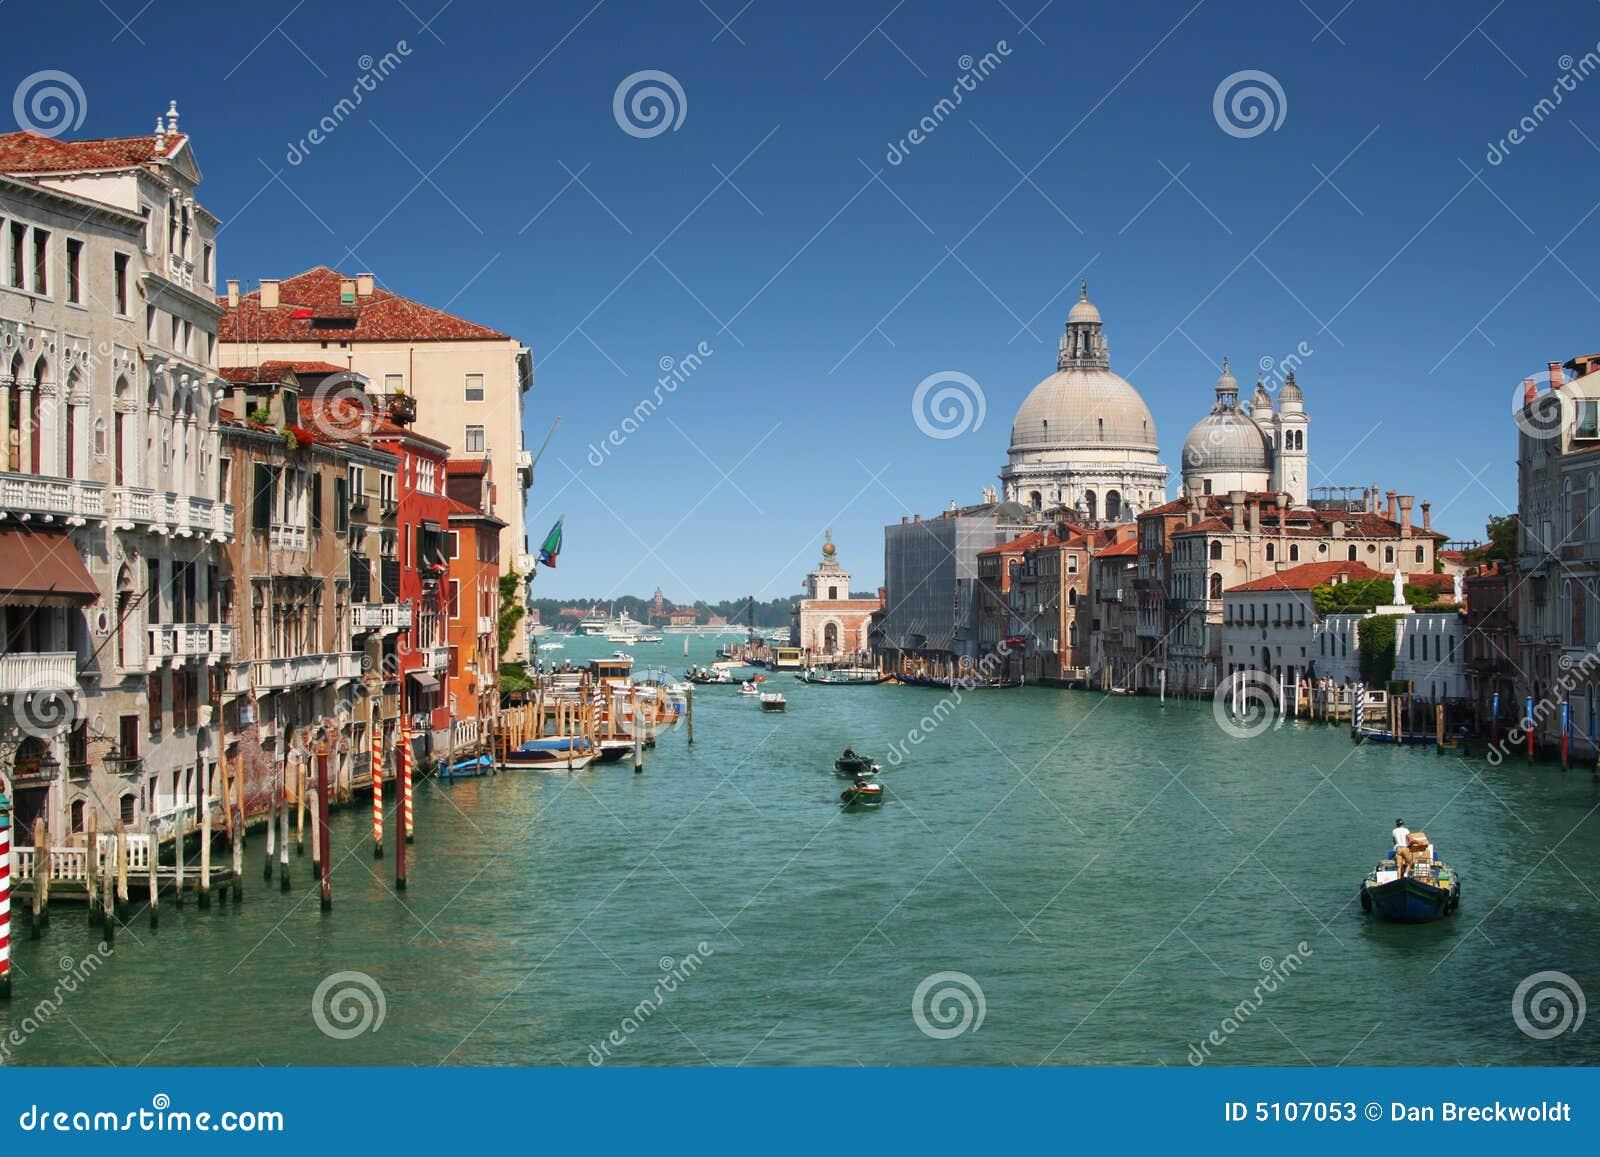 Kanal storslagna italy venice